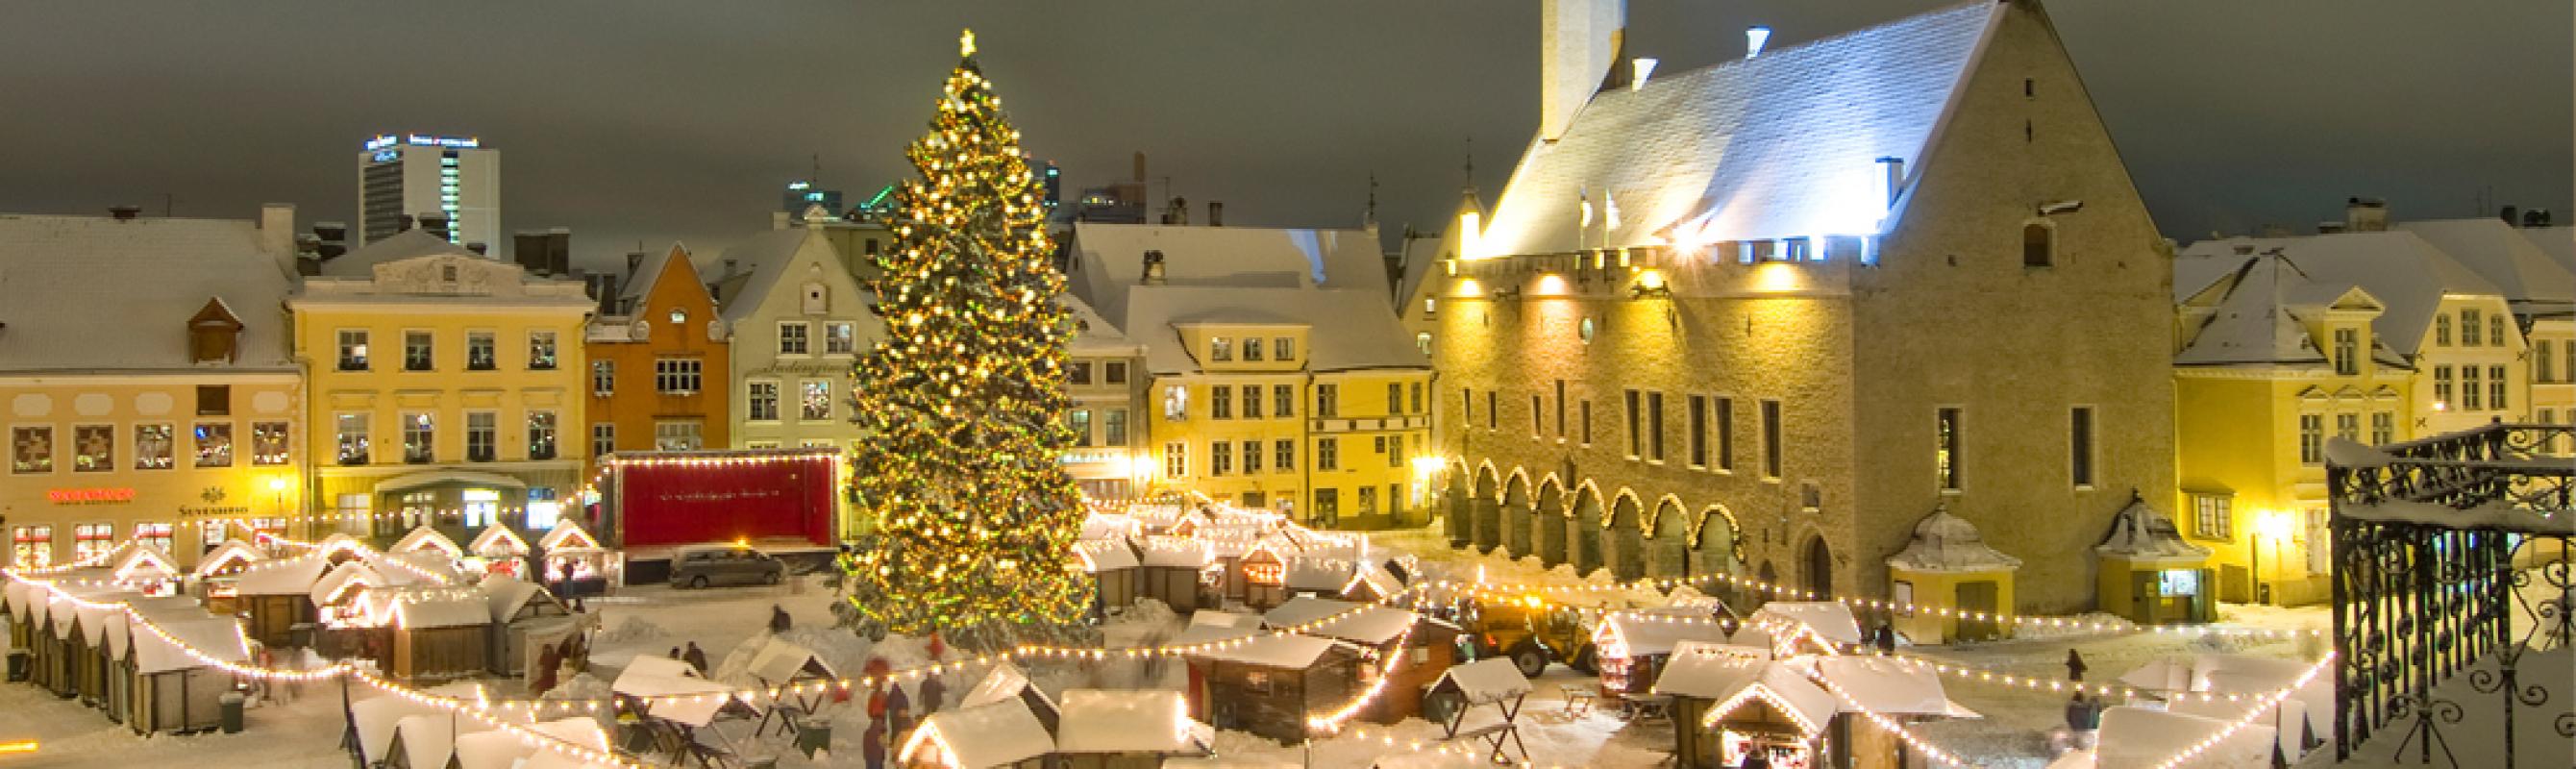 Таллинн – столица Эстонии и лучшее место в Европе для погружения в романтическое средневековье.